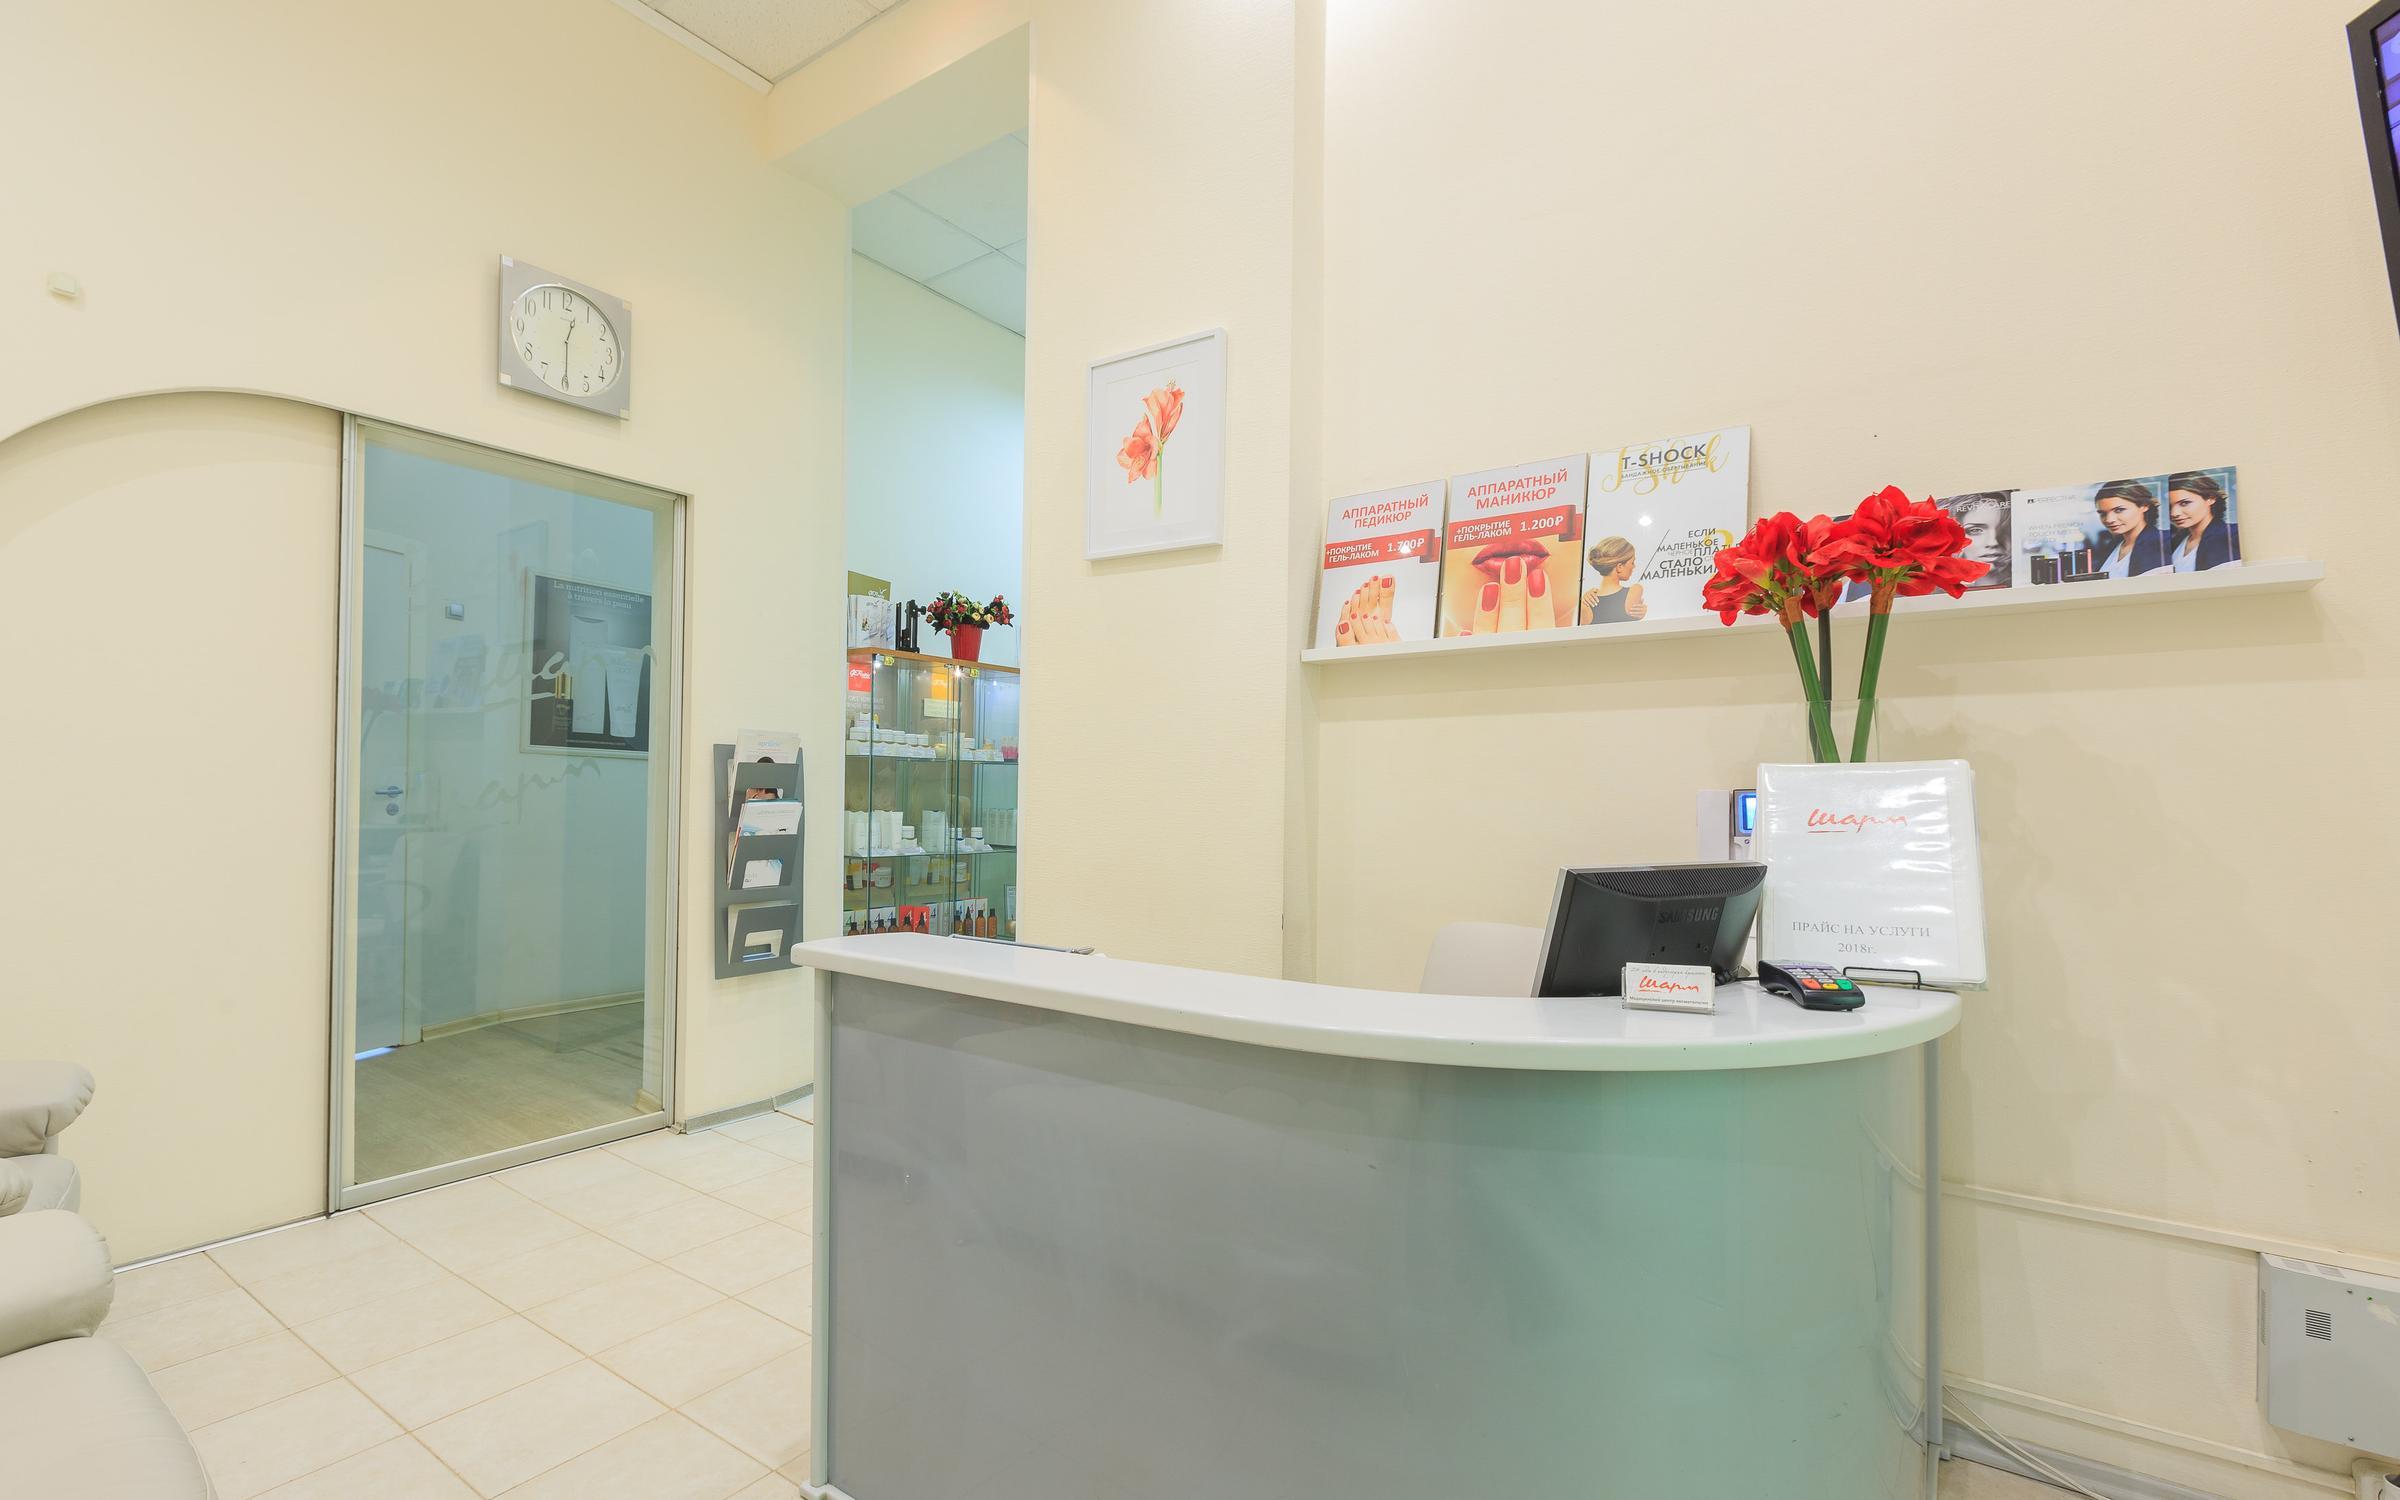 фотография Медицинского центра косметологии Шарм на улице Дубровинского